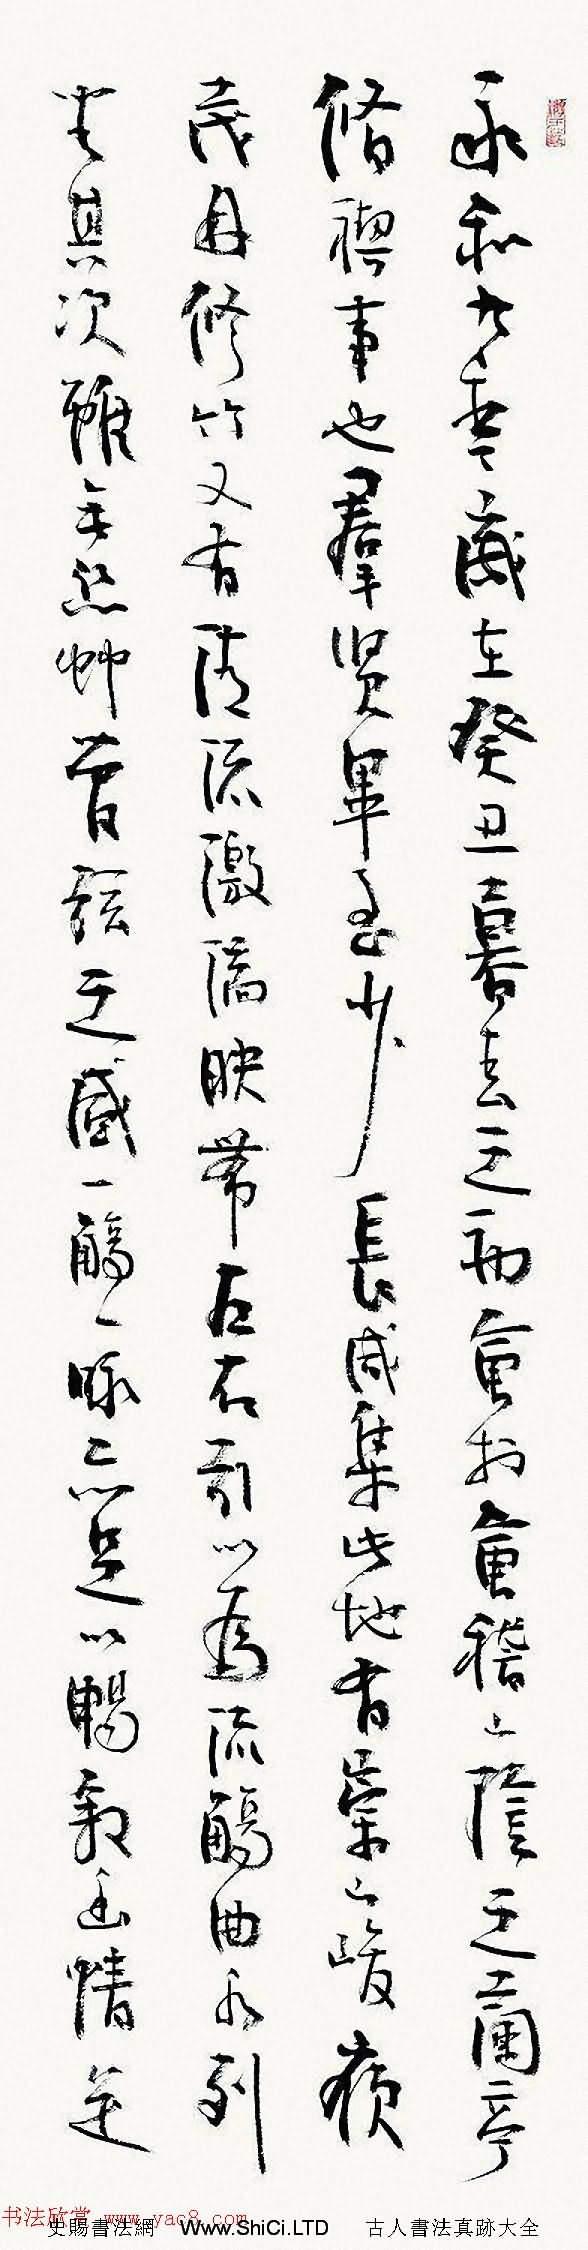 張海書王羲之蘭亭集序全文(共4張圖片)